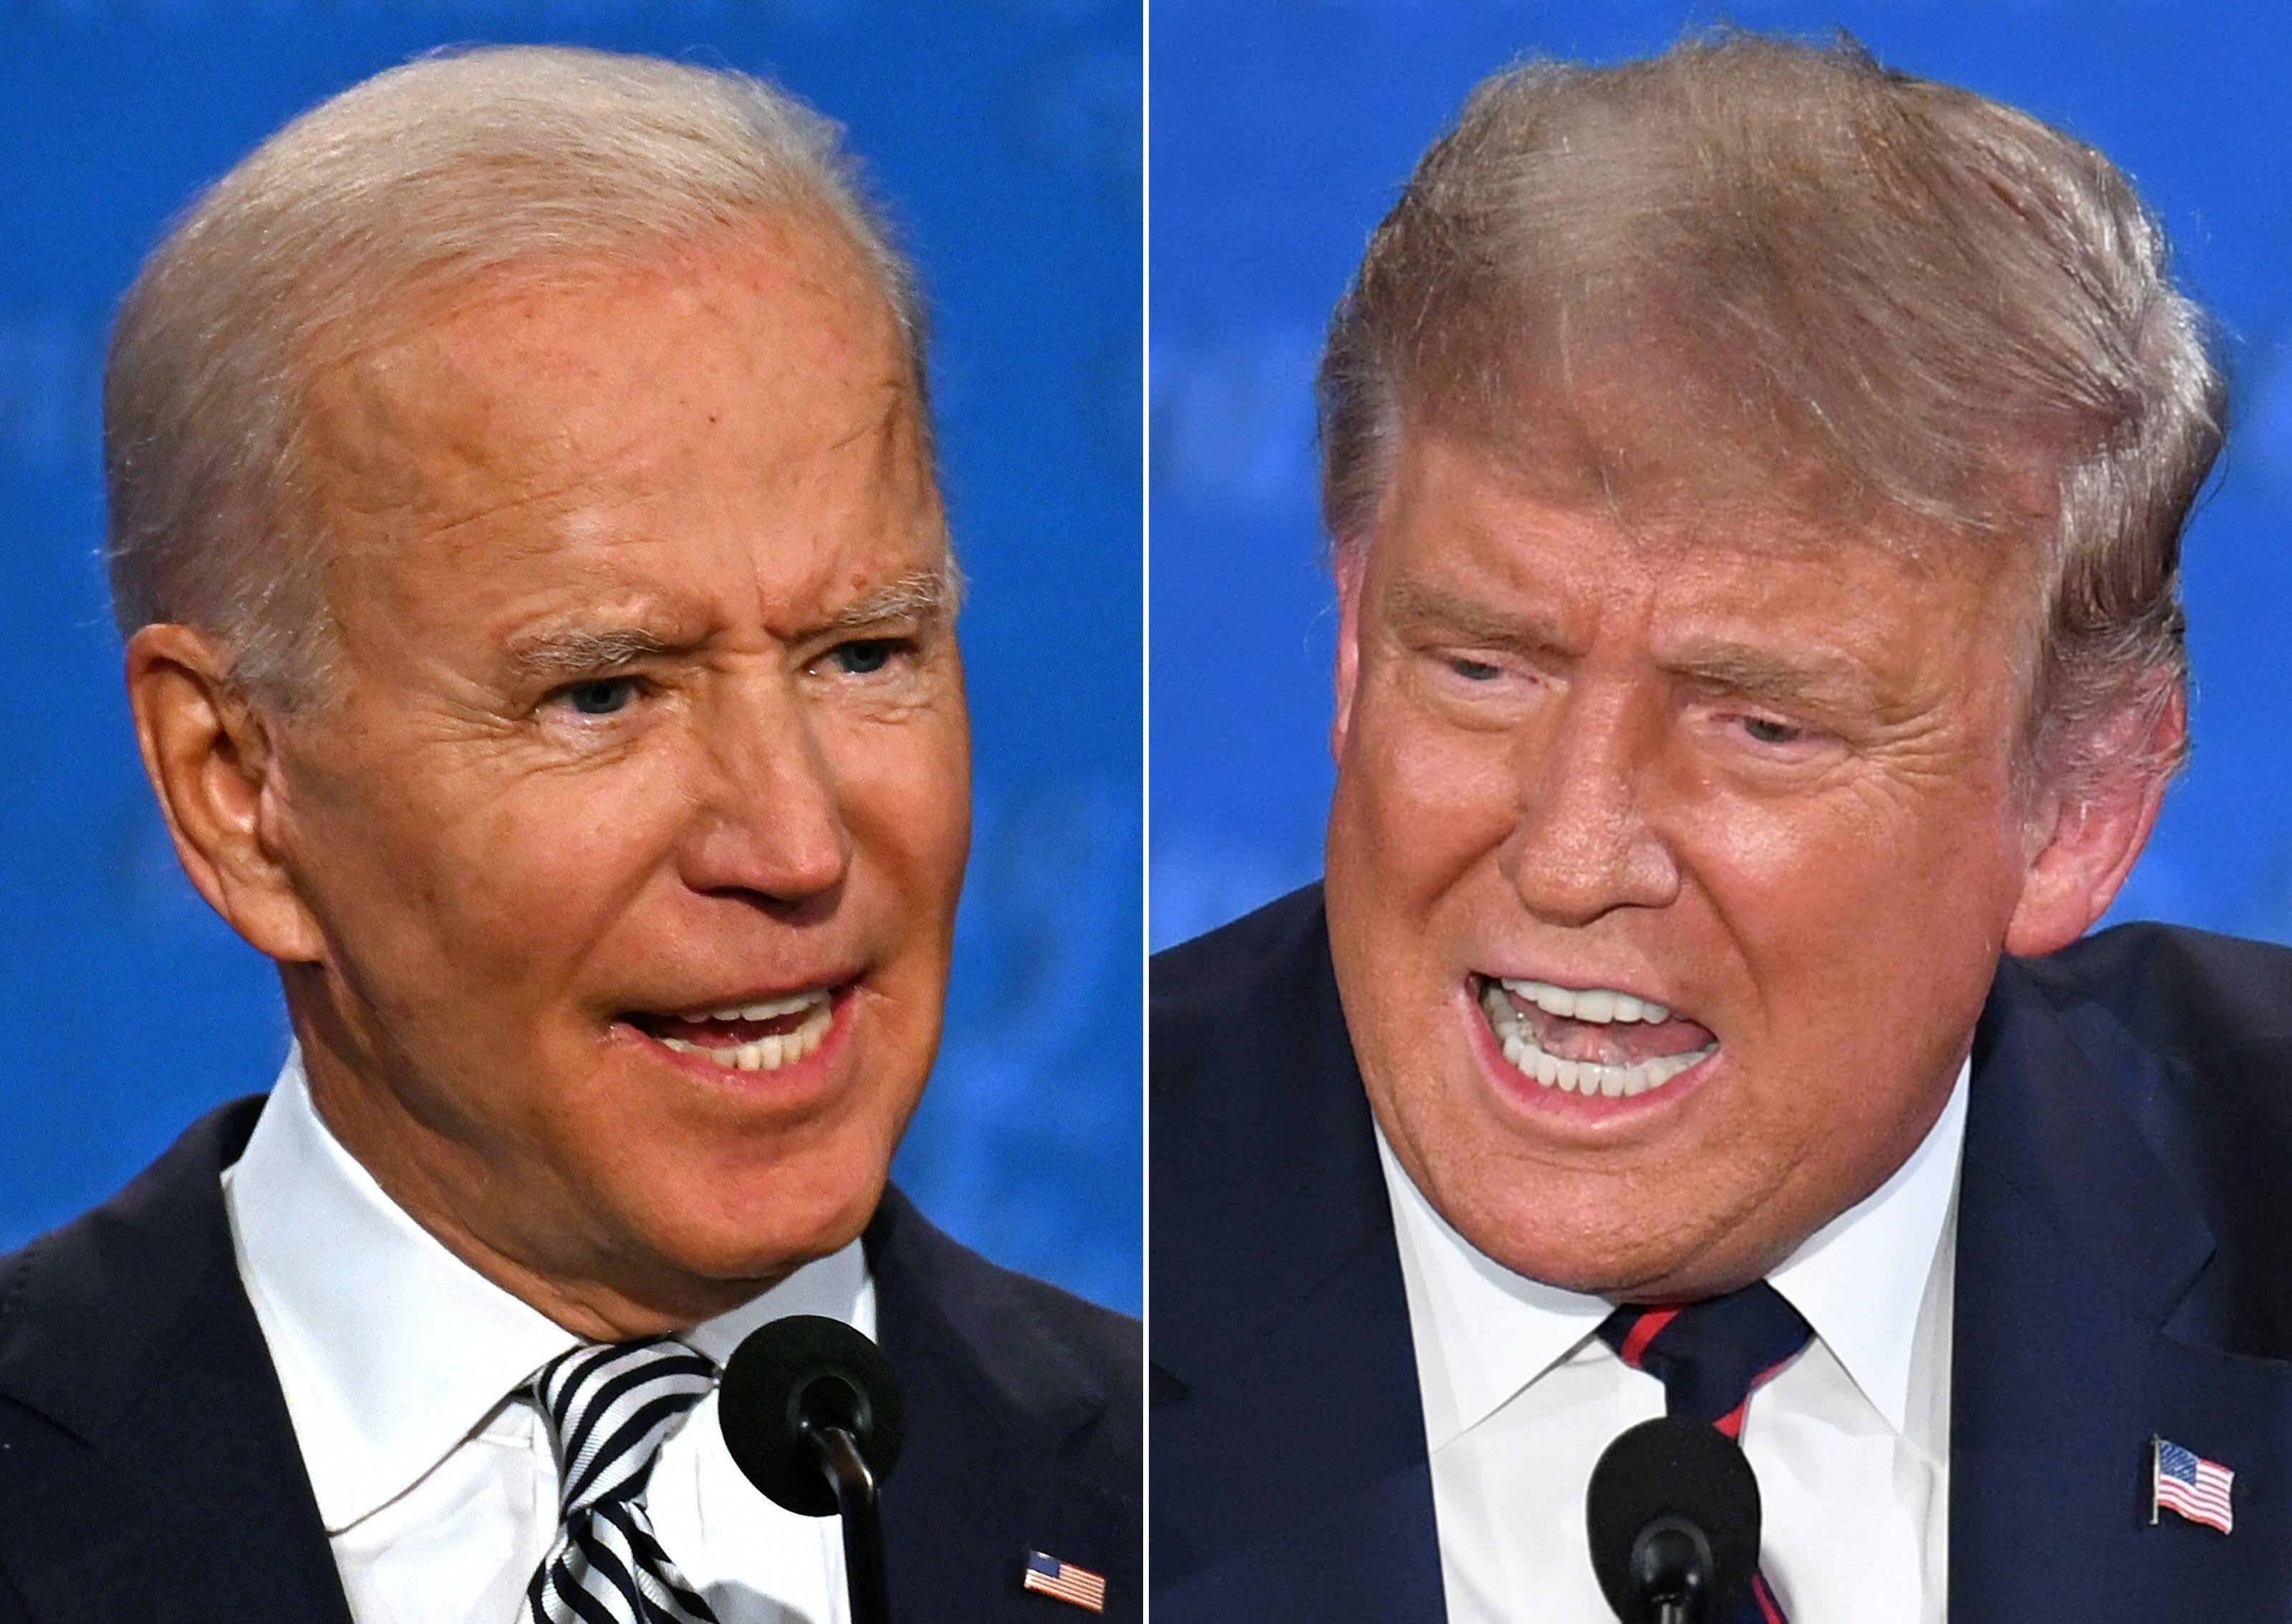 Biden tem conquistado votos em estados em que Trump venceu em 2016